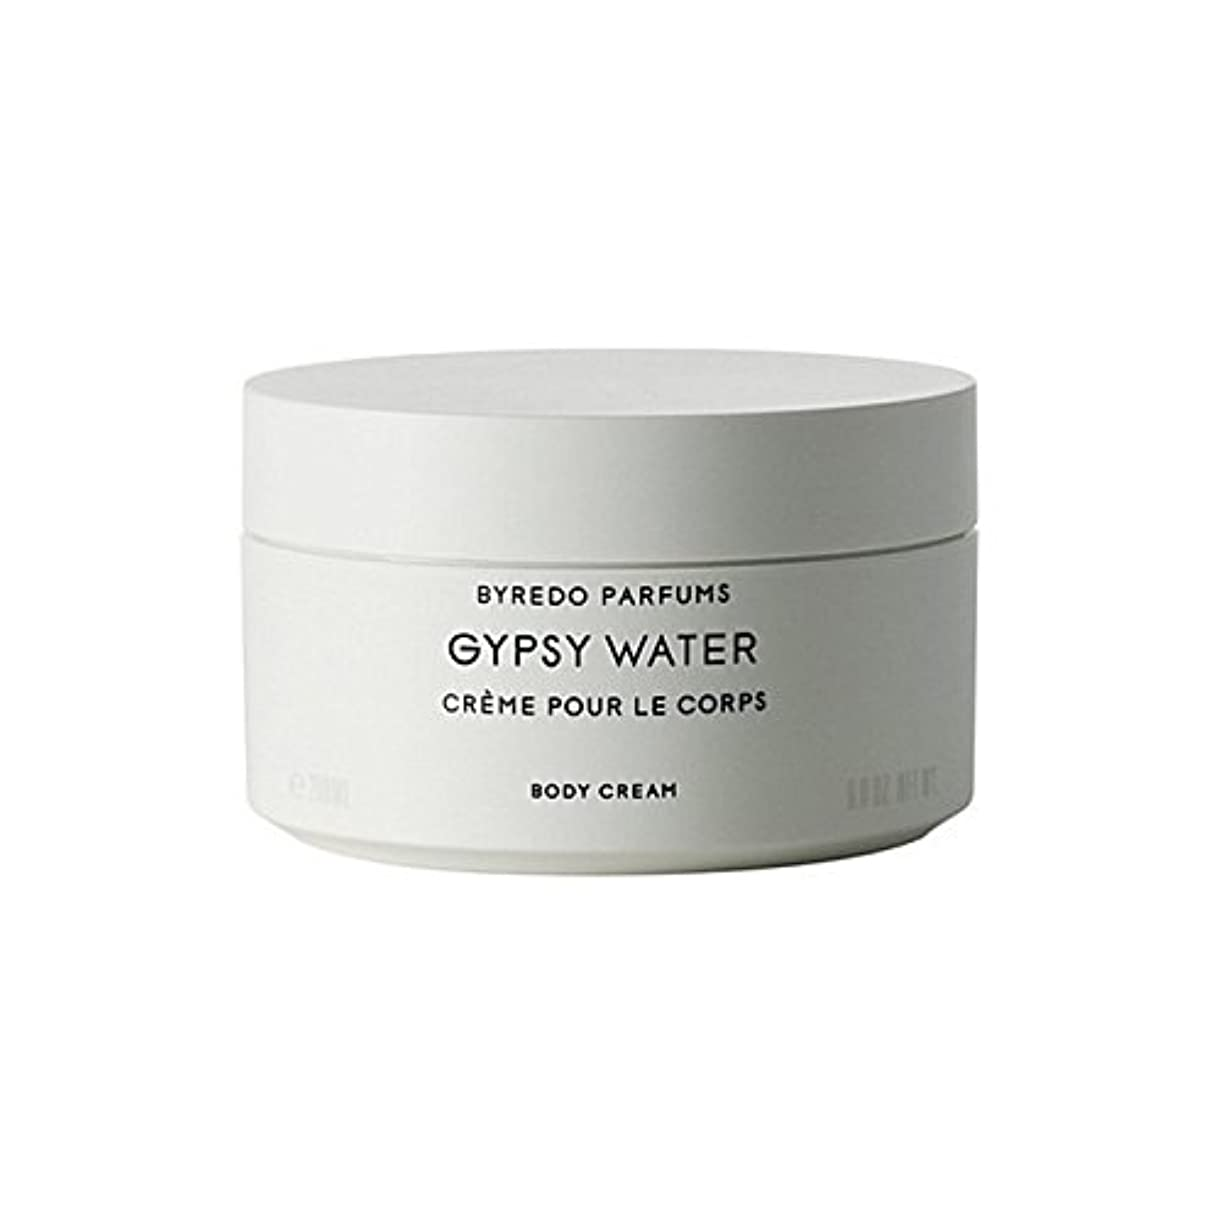 アレンジ微弱余裕があるジプシー水ボディクリーム200ミリリットル x2 - Byredo Gypsy Water Body Cream 200ml (Pack of 2) [並行輸入品]